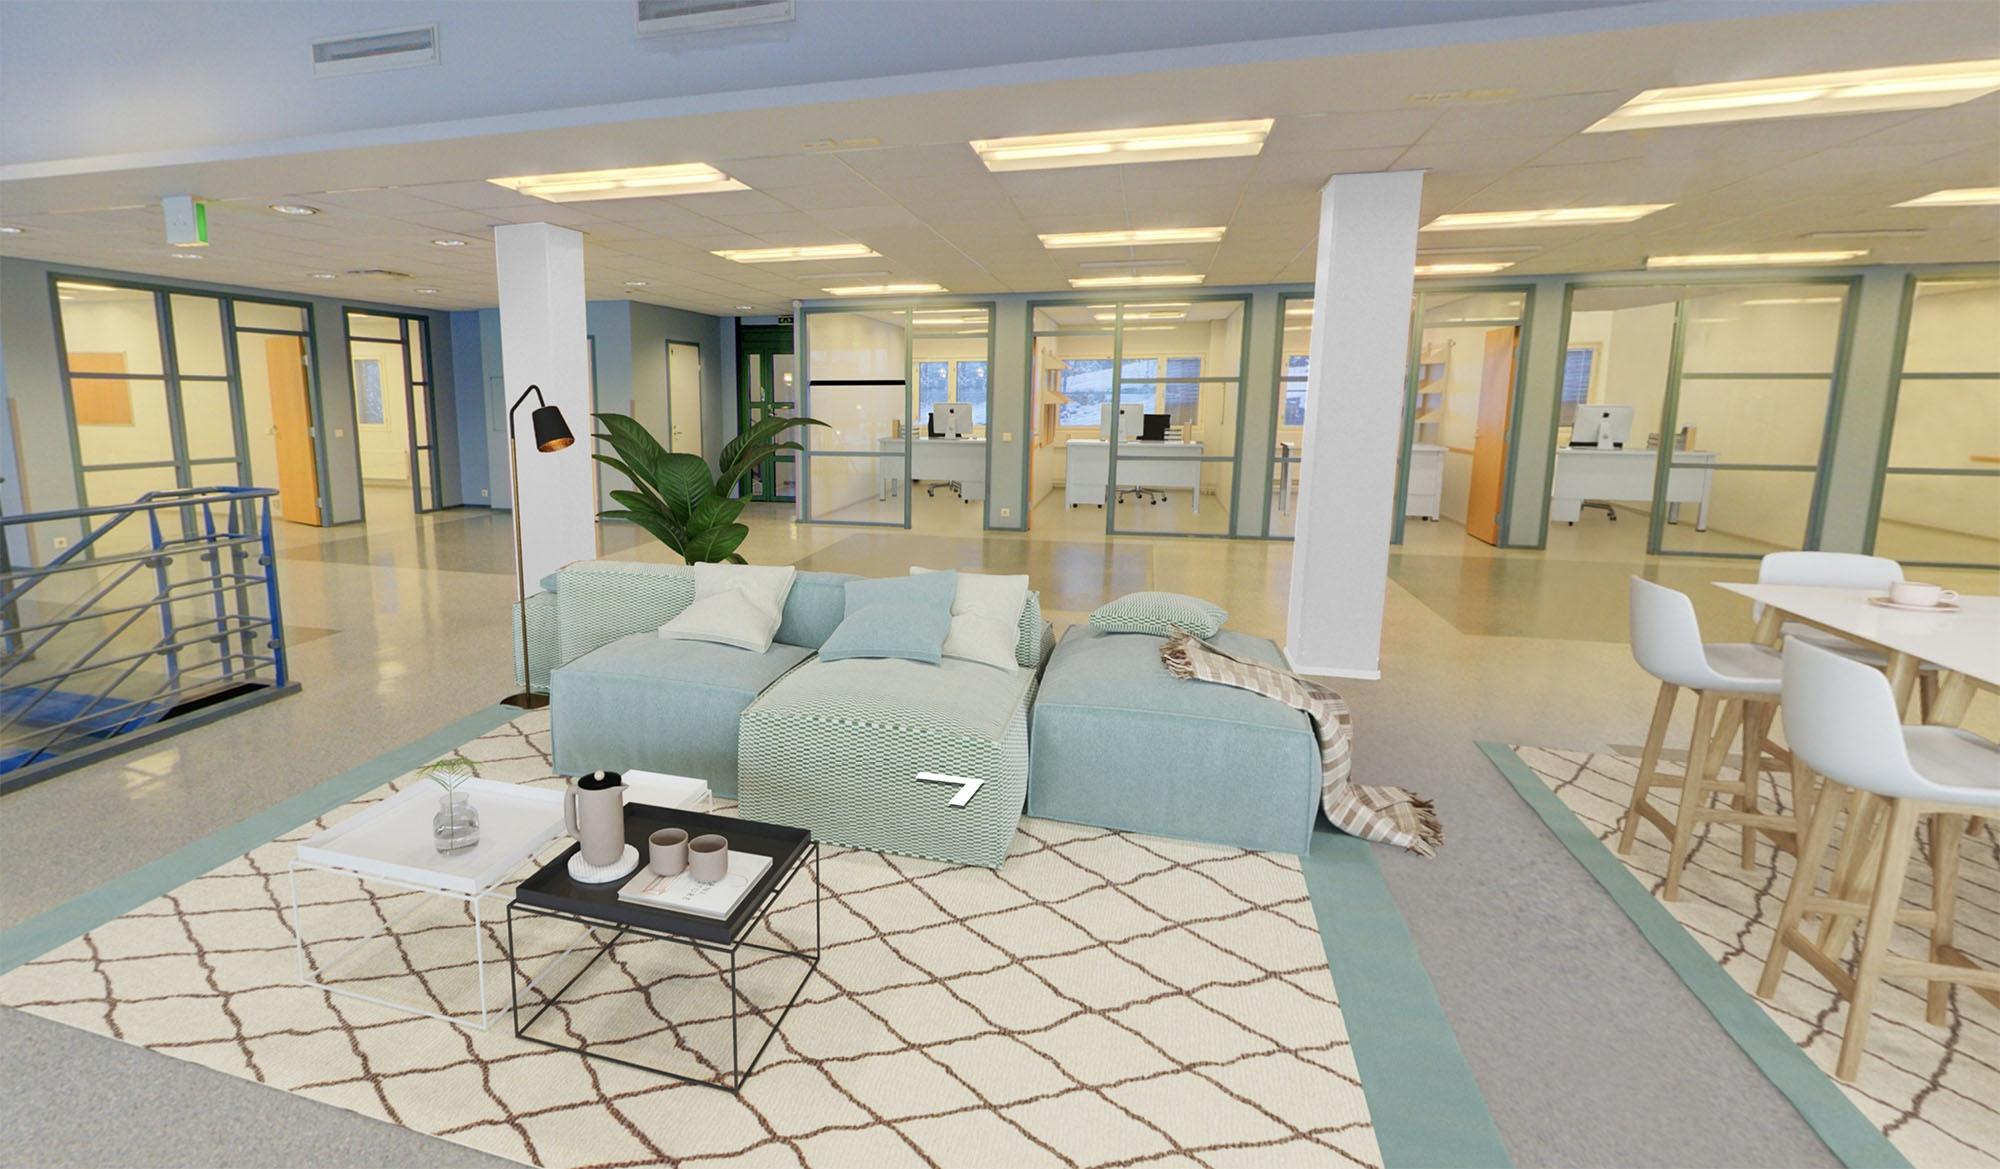 Virtuaalistailaus: lounge-tila